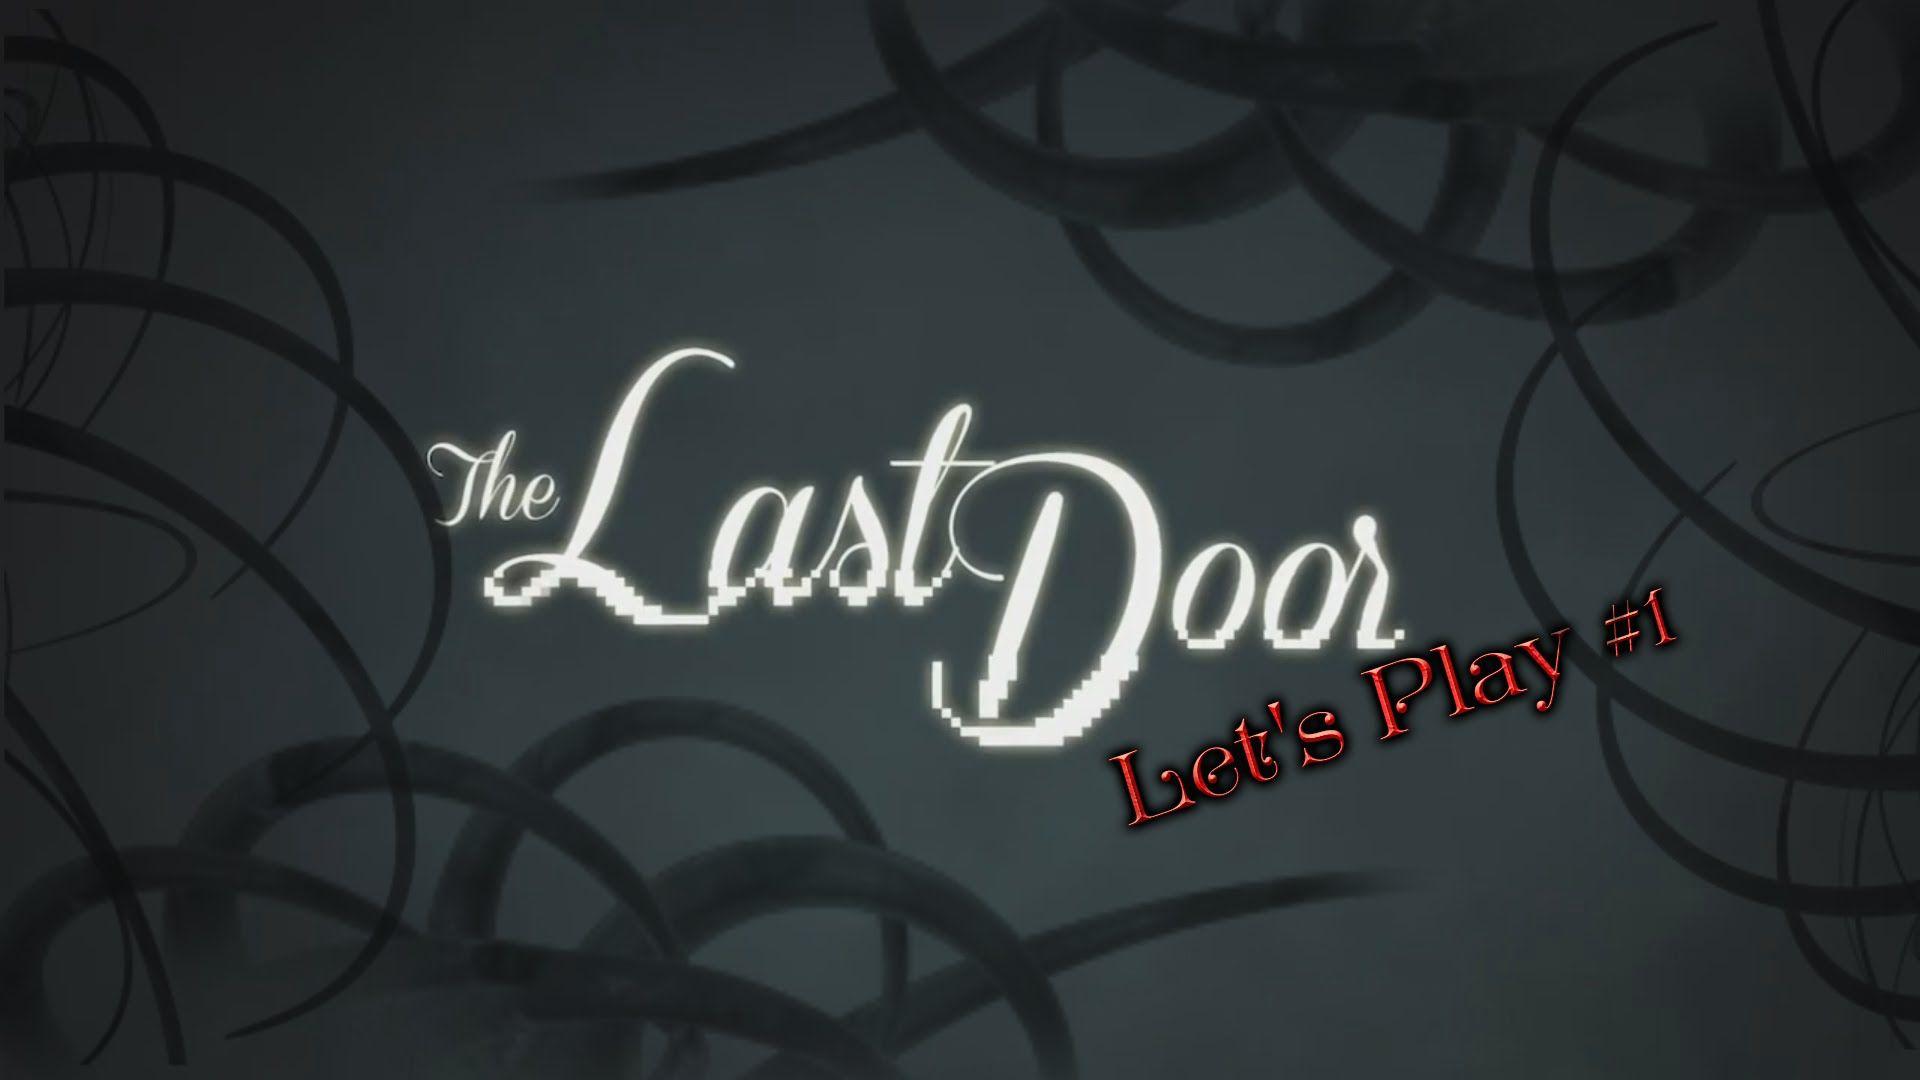 Voici le premier épisode de The Last Door en Let's Play si vous avez envie de découvrir plus en avant le jeu, son gameplay, son ambiance, et ses énigmes.